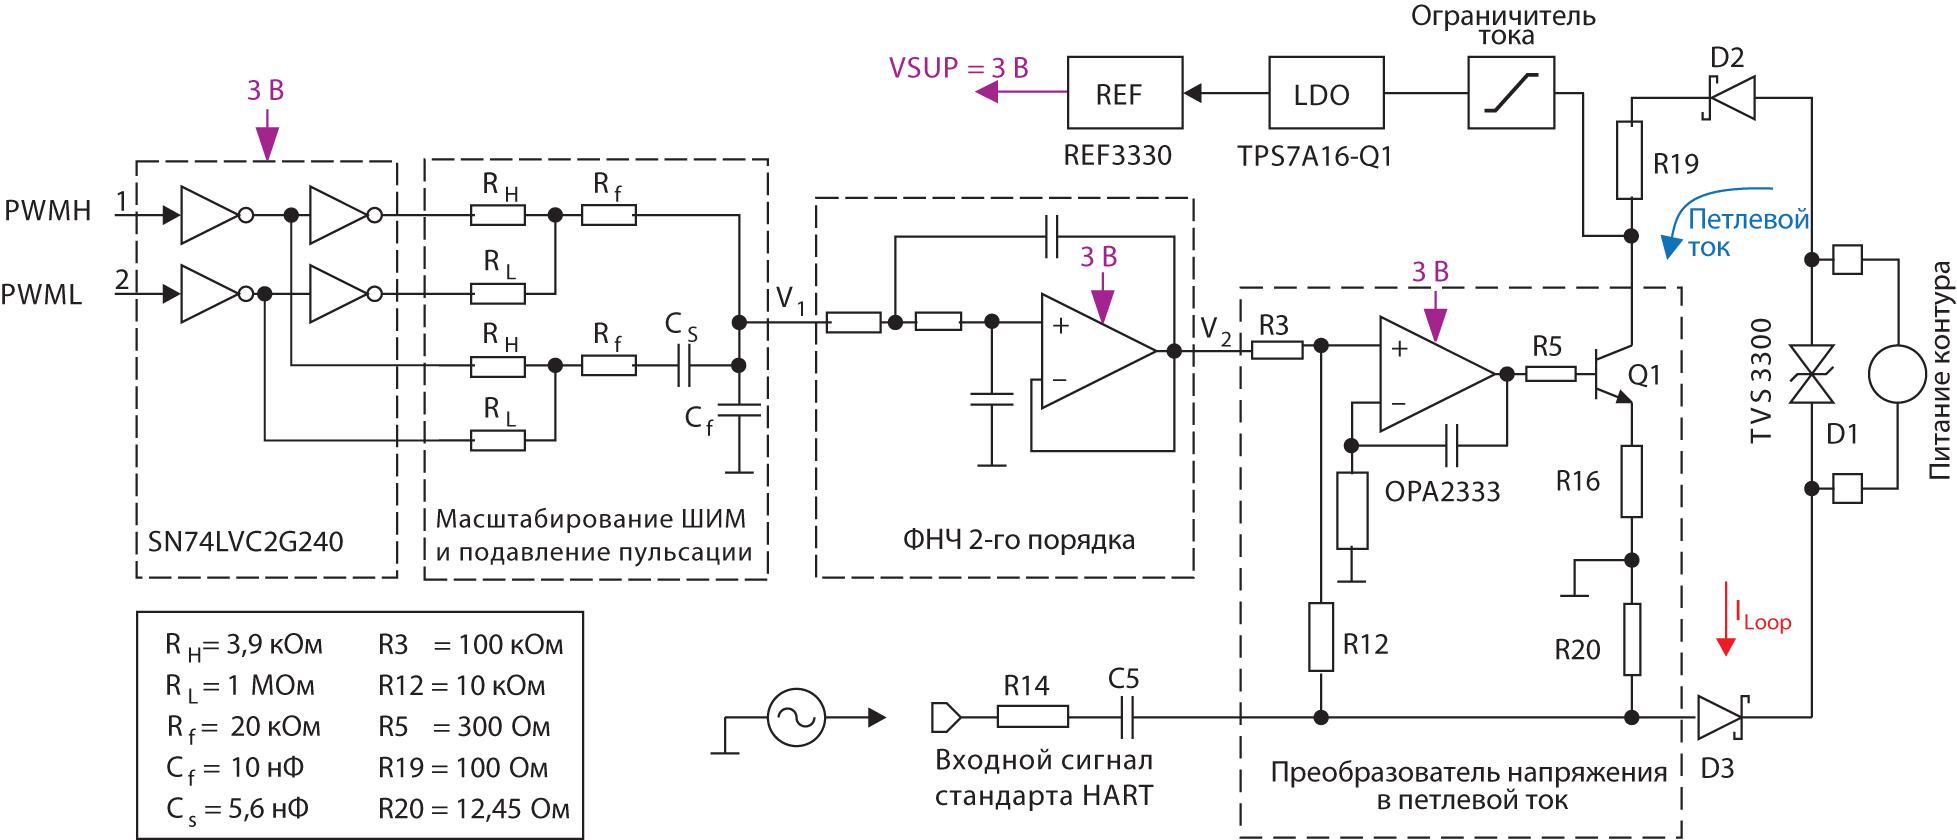 Преобразование двухканальных ШИМ-сигналов с высоким разрешением в петлевой ток 4–20 мА